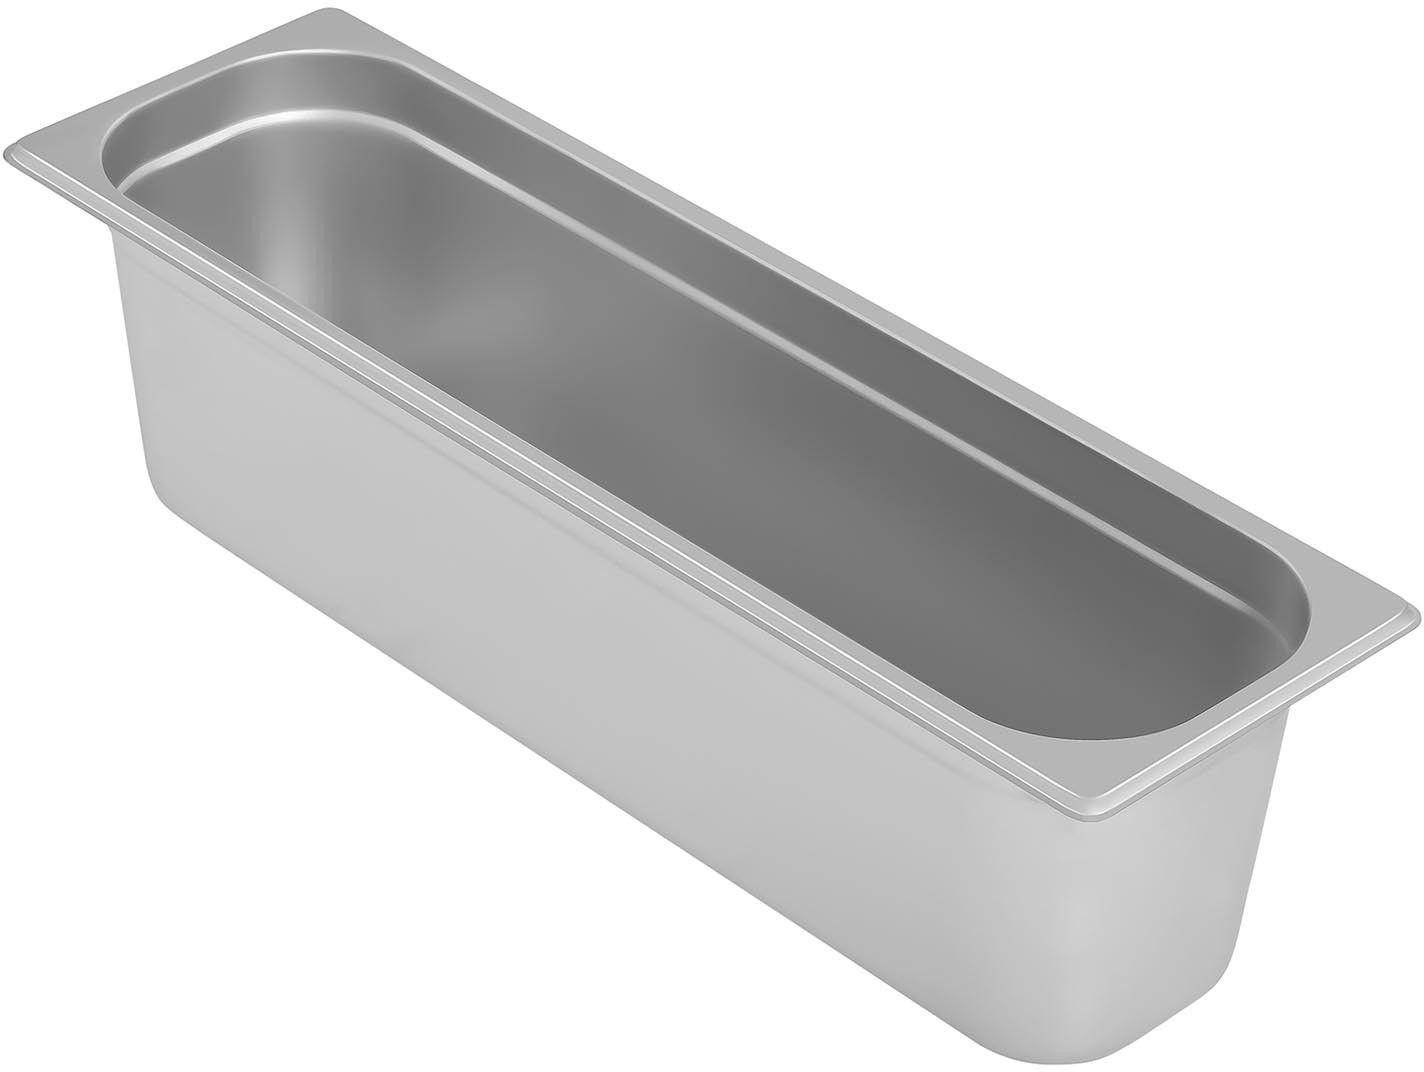 Pojemnik gastronomiczny - GN 2/4 - głębokość 150 mm - Royal Catering - RCGN-2/4X150 - 3 lata gwarancji/wysyłka w 24h